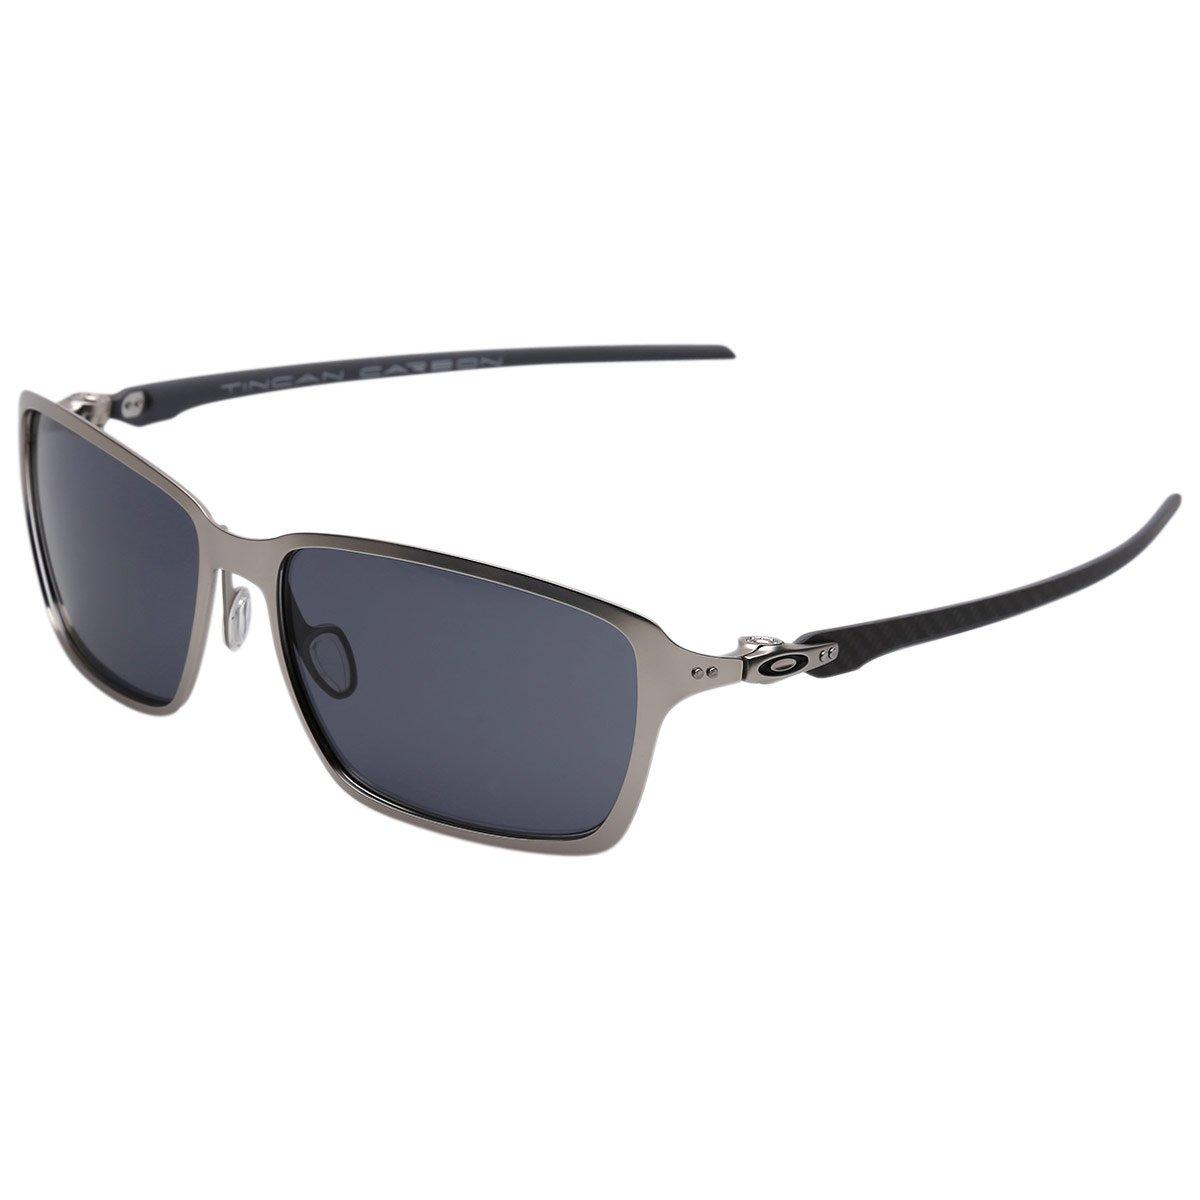 cf54a13b00220 Óculos Oakley Tincan Carbon - Compre Agora